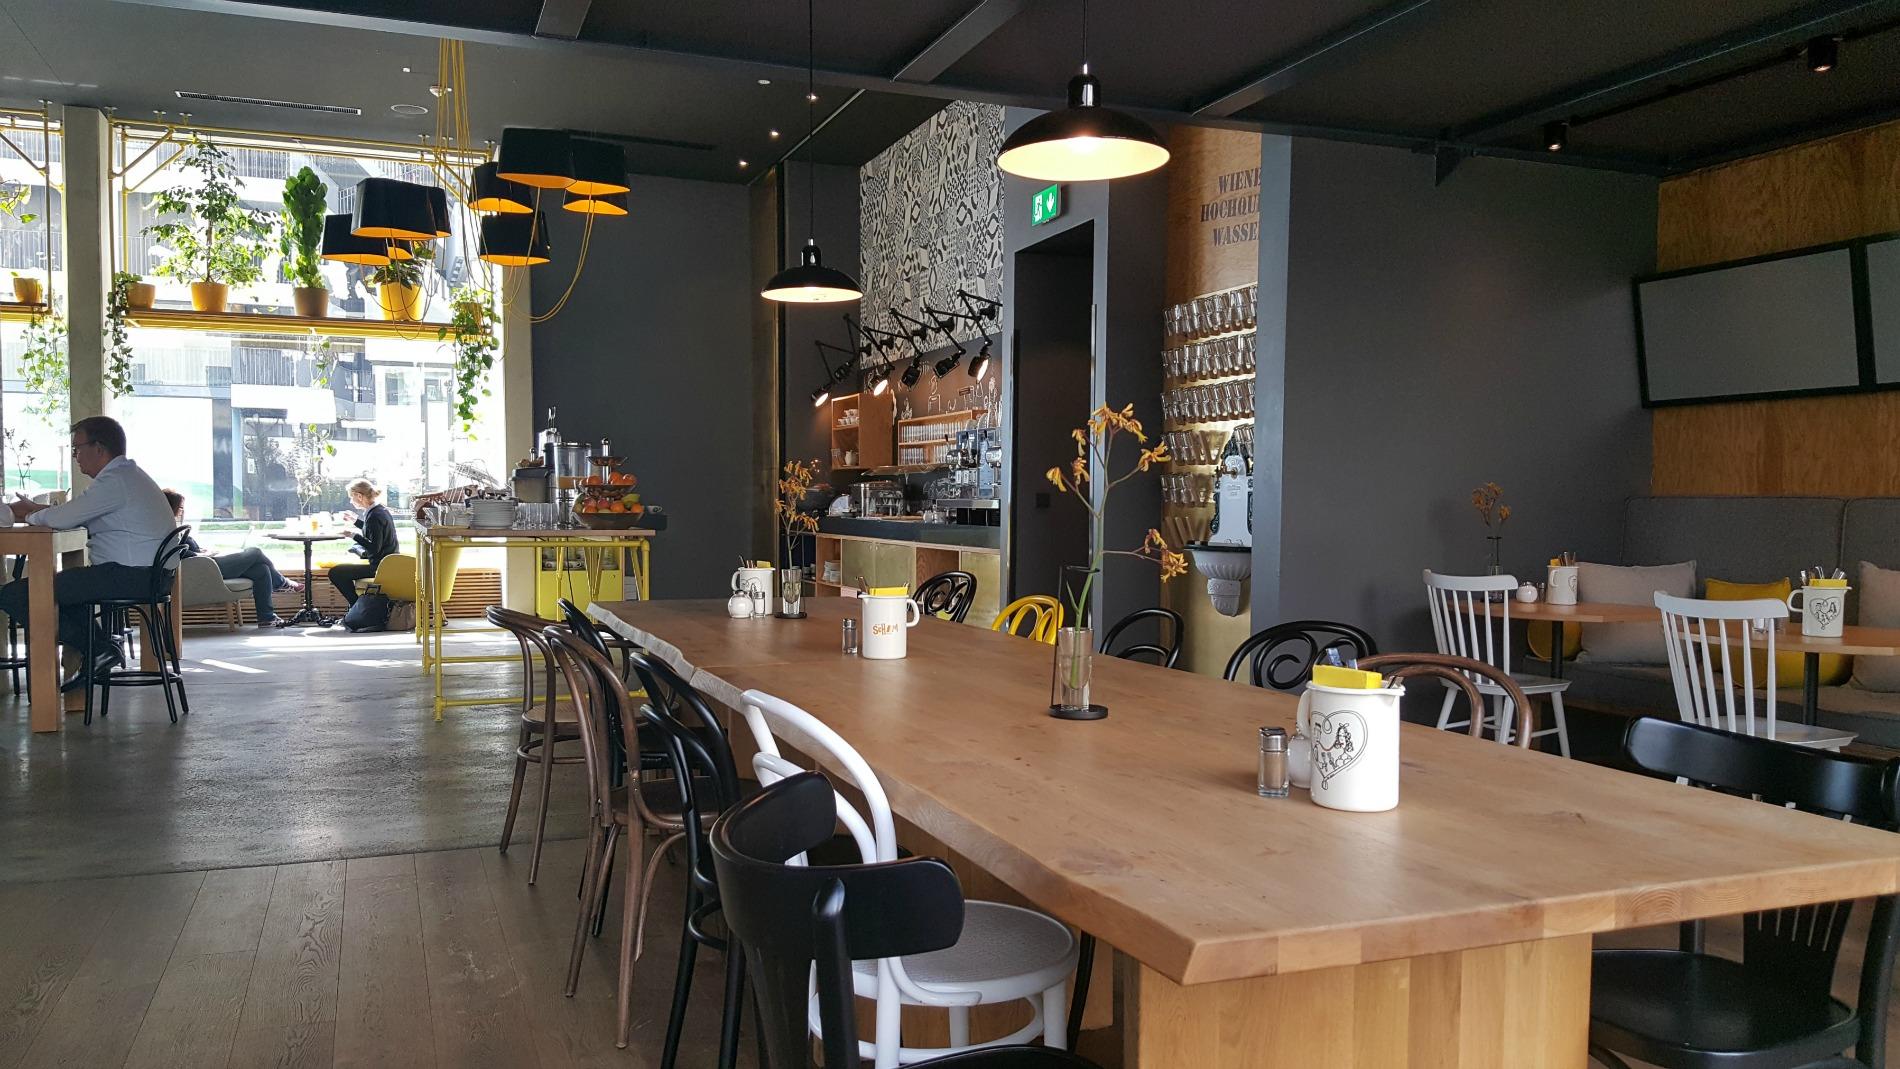 hotel-schani-wien-breakfast-lobby-table